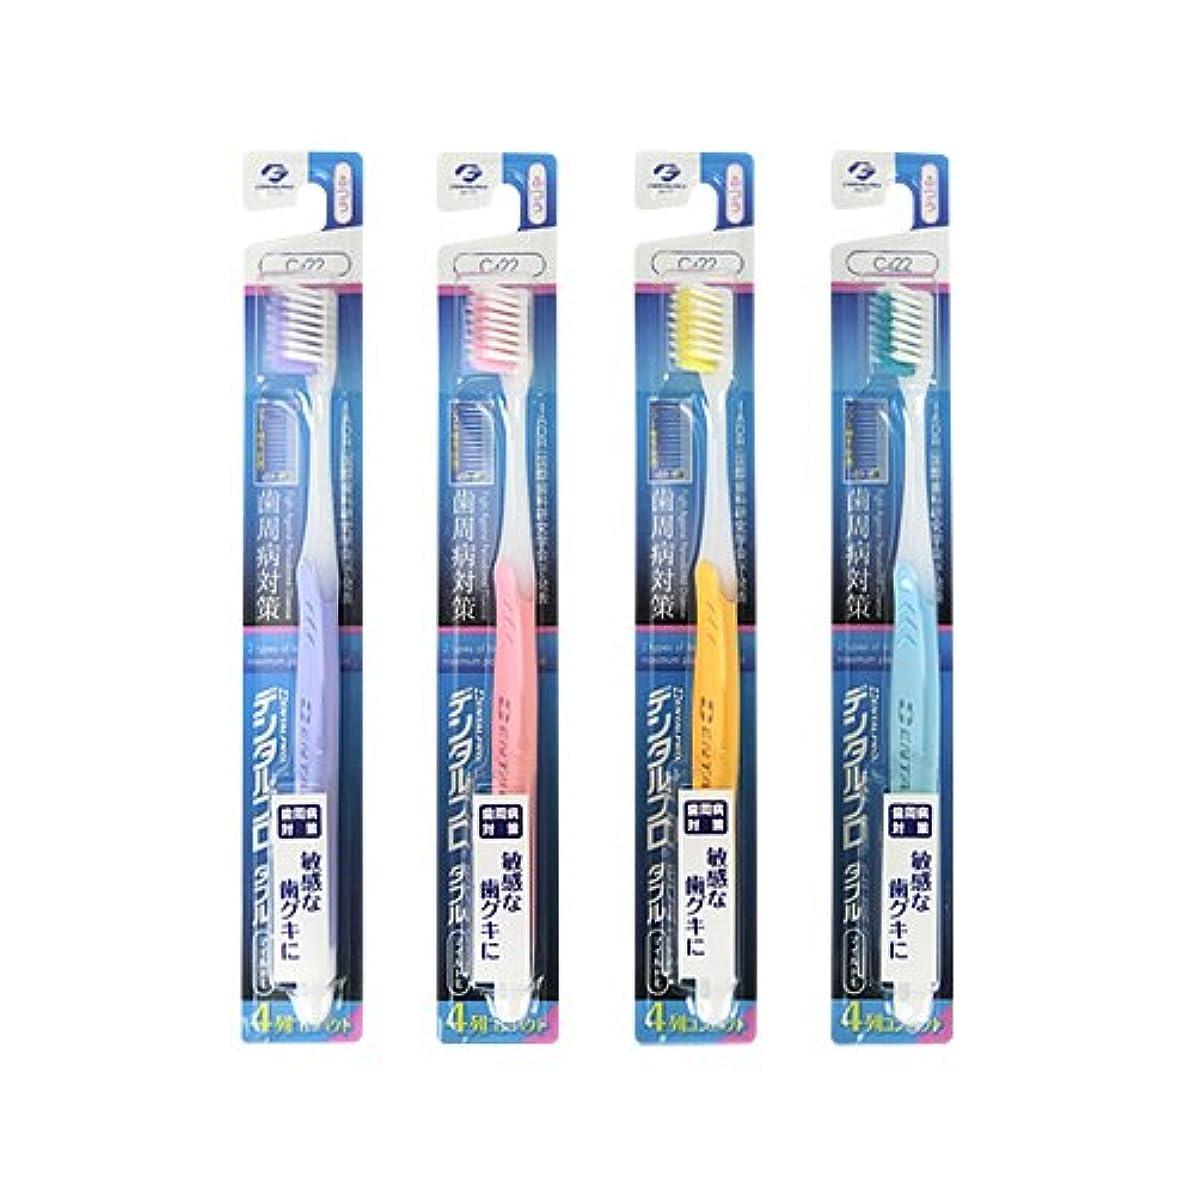 彫る伝える最も遠いデンタルプロ ダブル マイルド 4列 歯ブラシ 5本 (ふつう, 色はおまかせ)